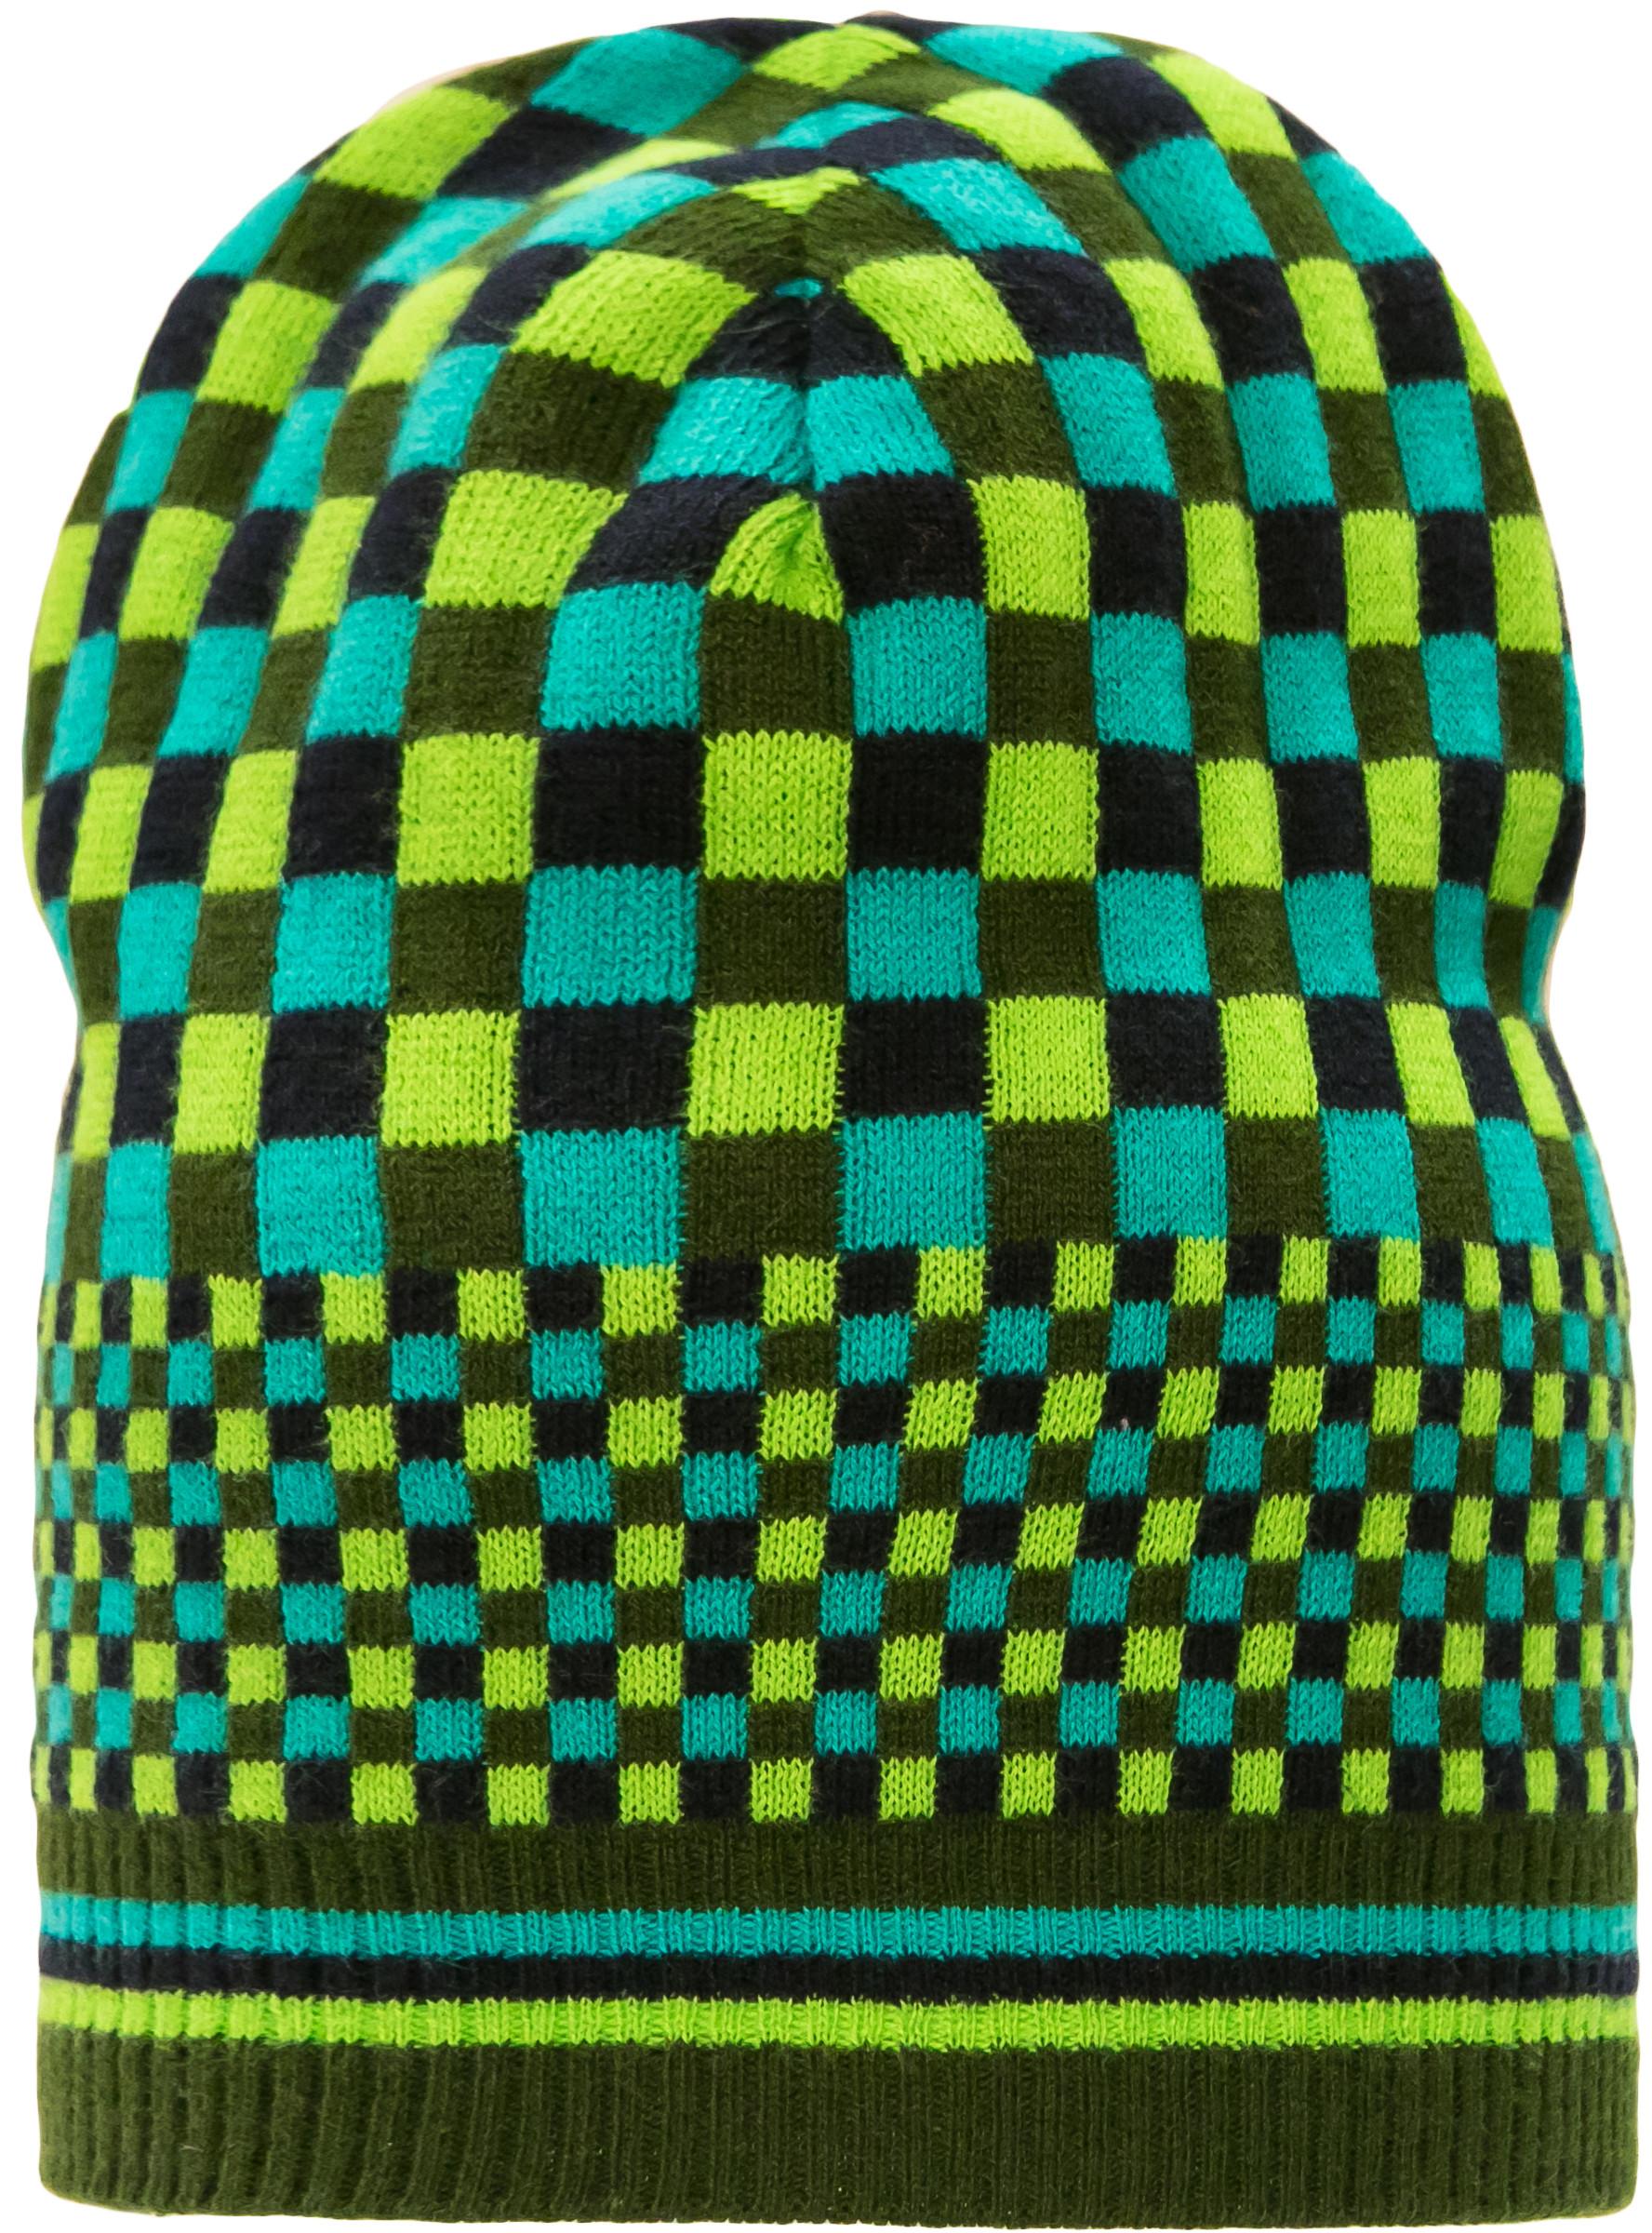 Головные уборы Barkito Шапка для мальчика Barkito, зеленая с рисунком зеленая шапка